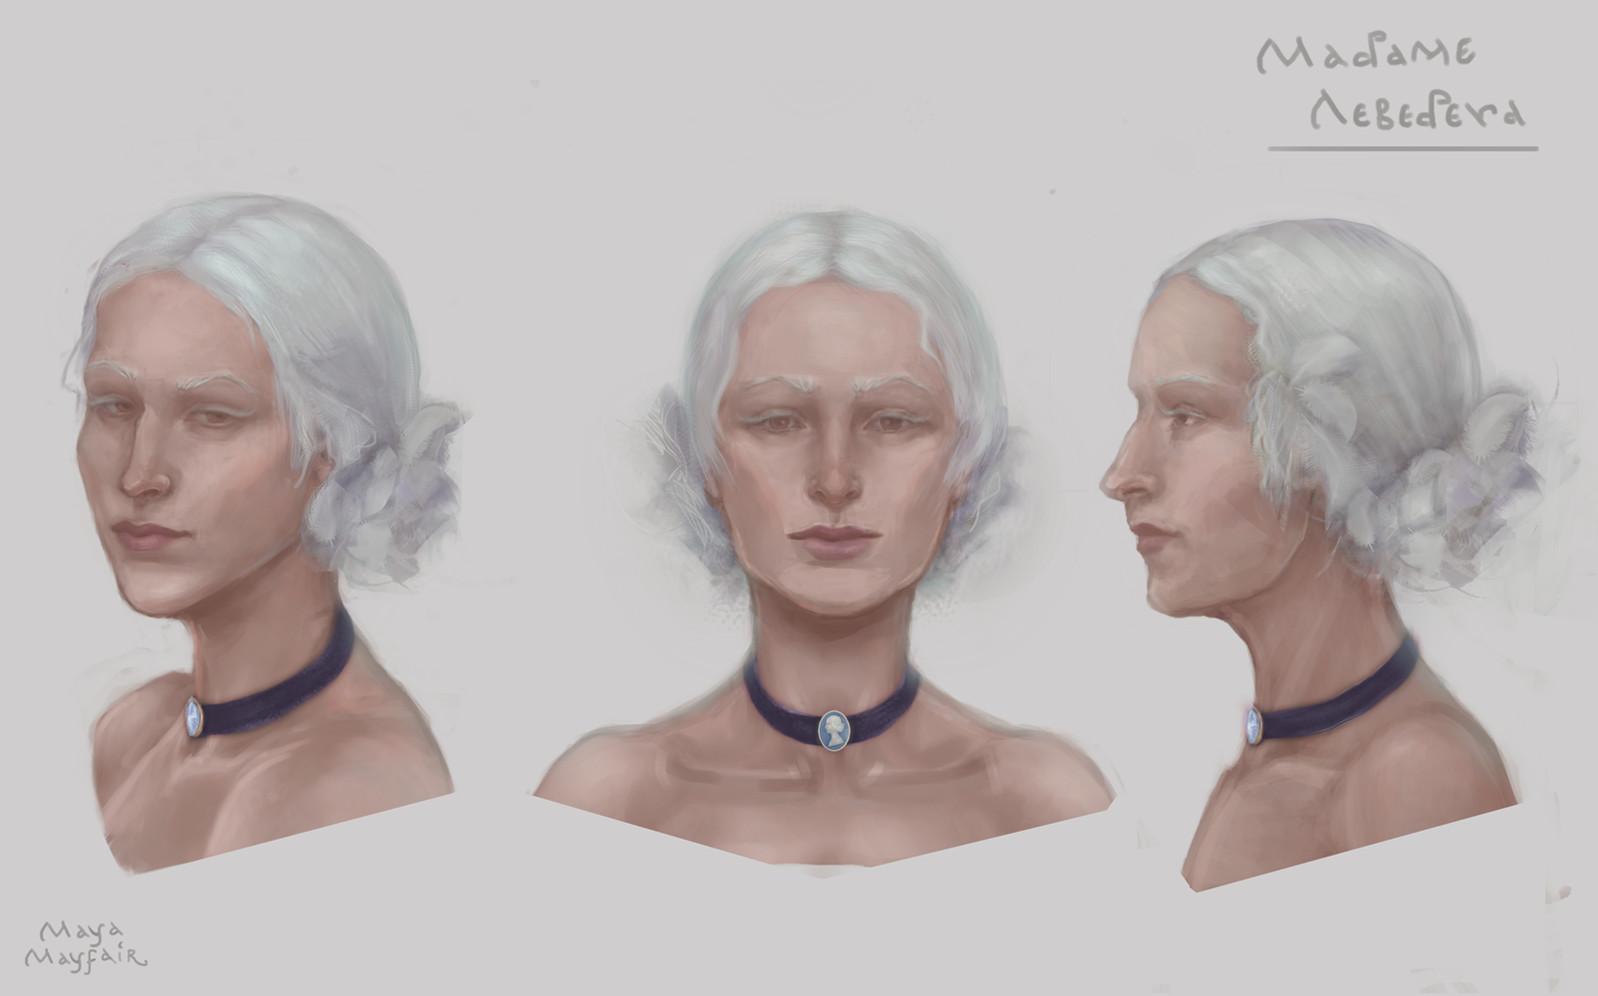 Maya grishanowitch madamelebedeva face